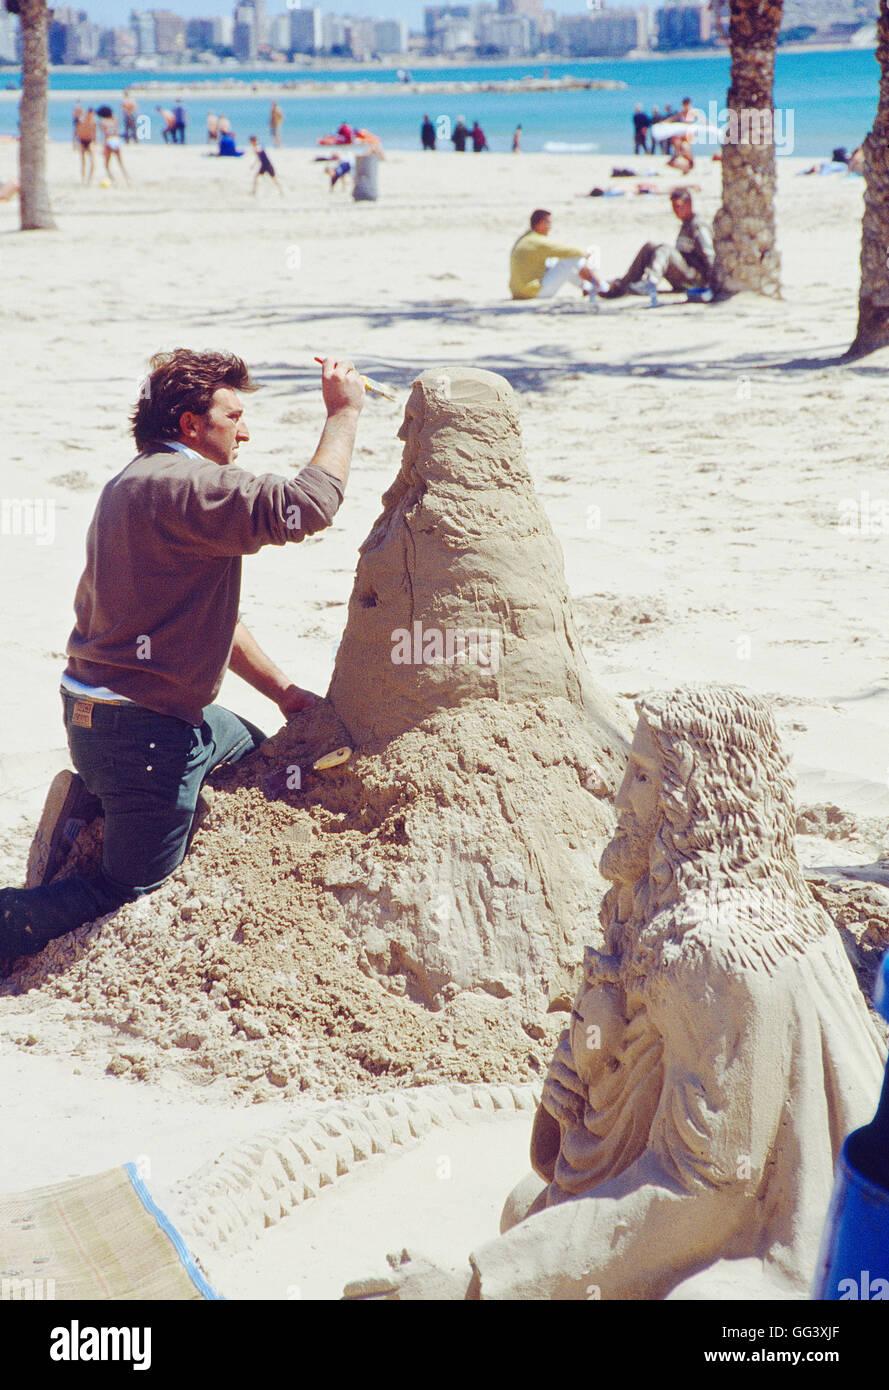 Sand sculptor working. El Postiguet beach, Alicante, Comunidad Valenciana, Spain. - Stock Image